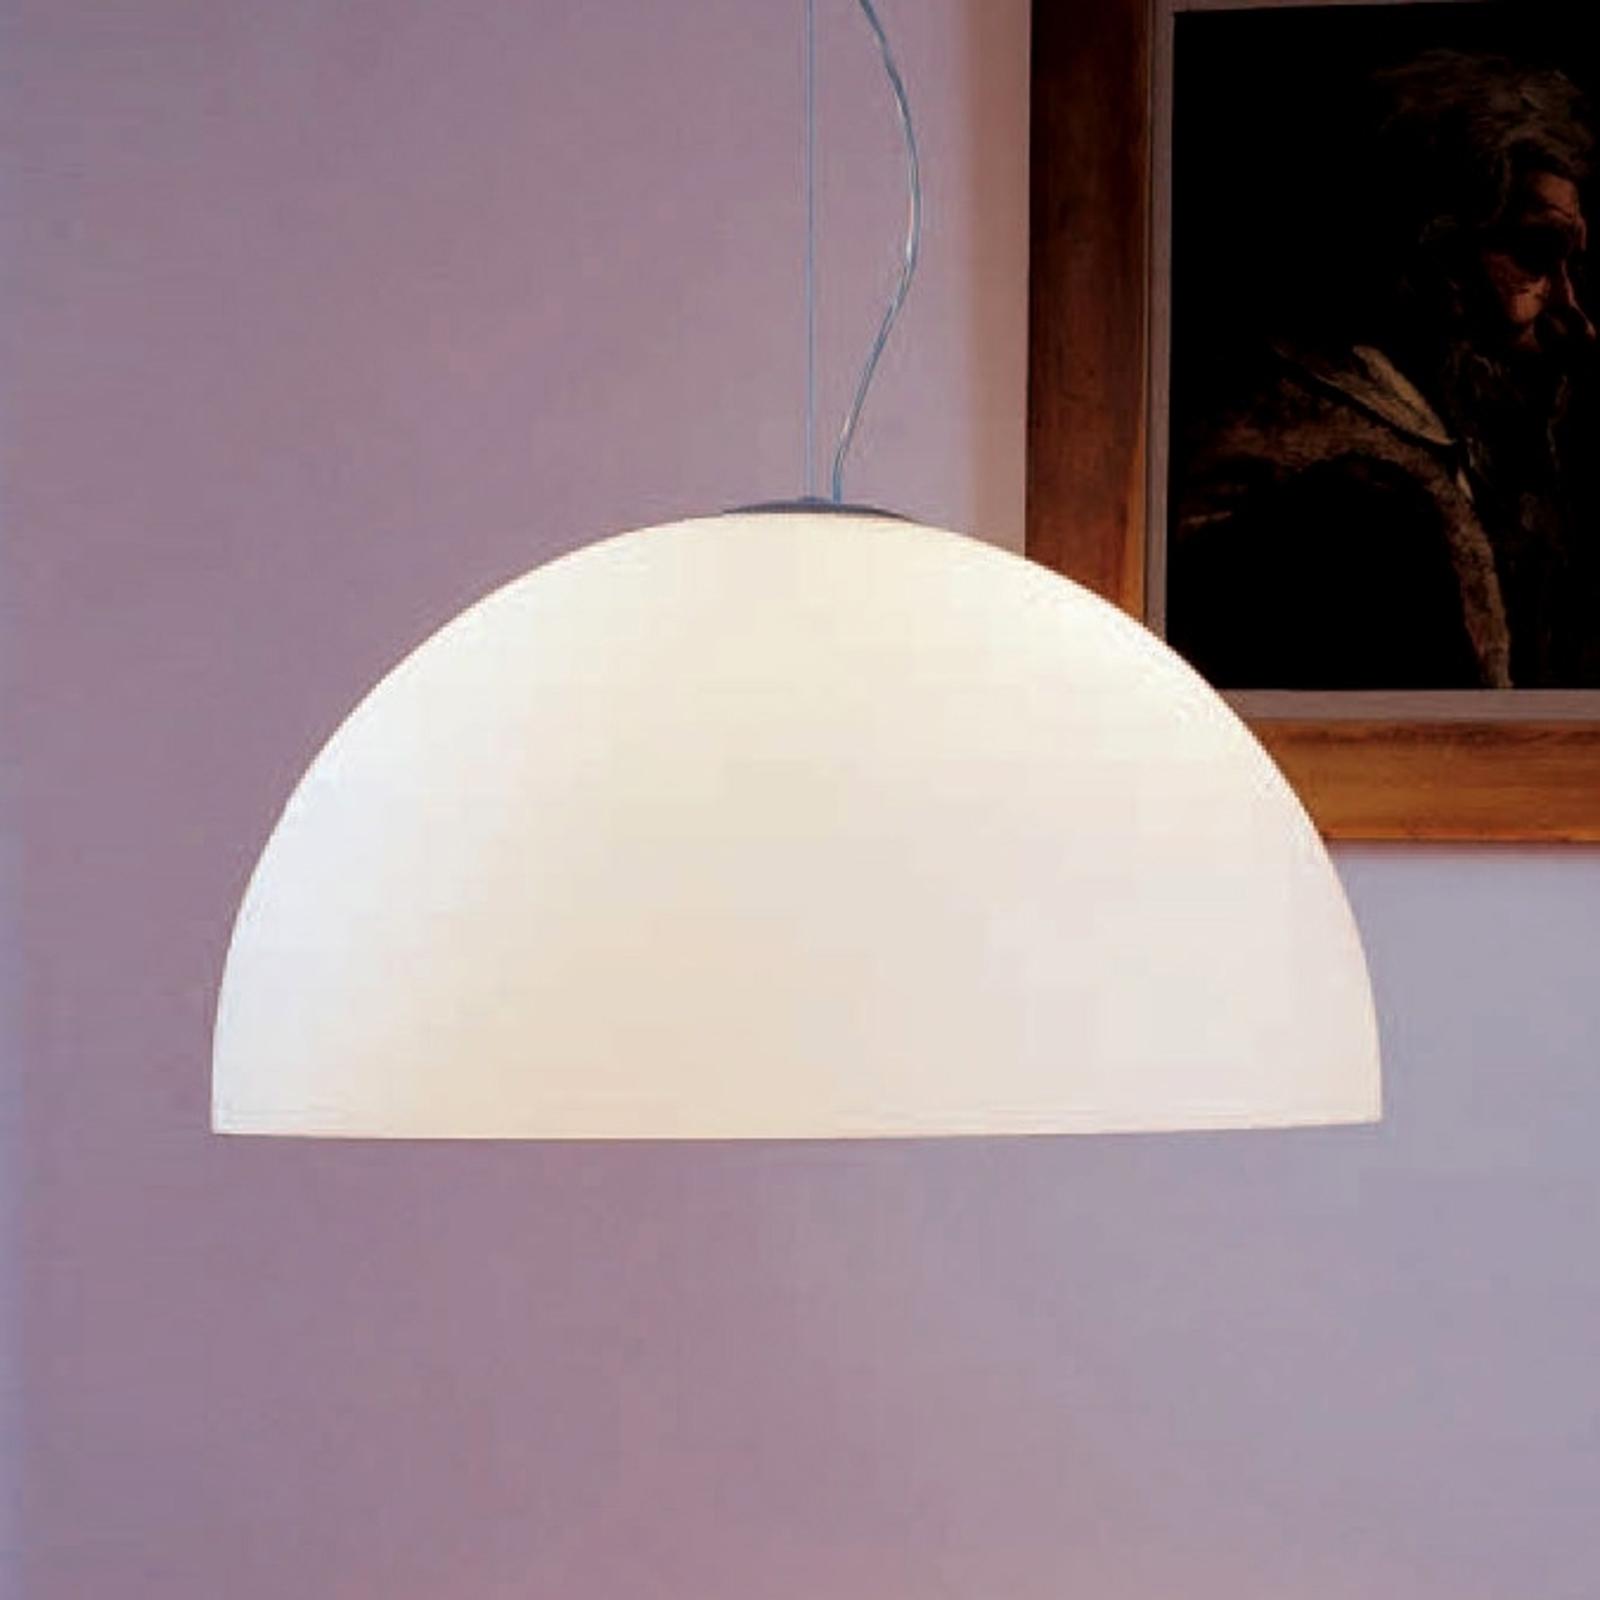 Lampa wisząca SONORA ze szkła opalowego, 38 cm